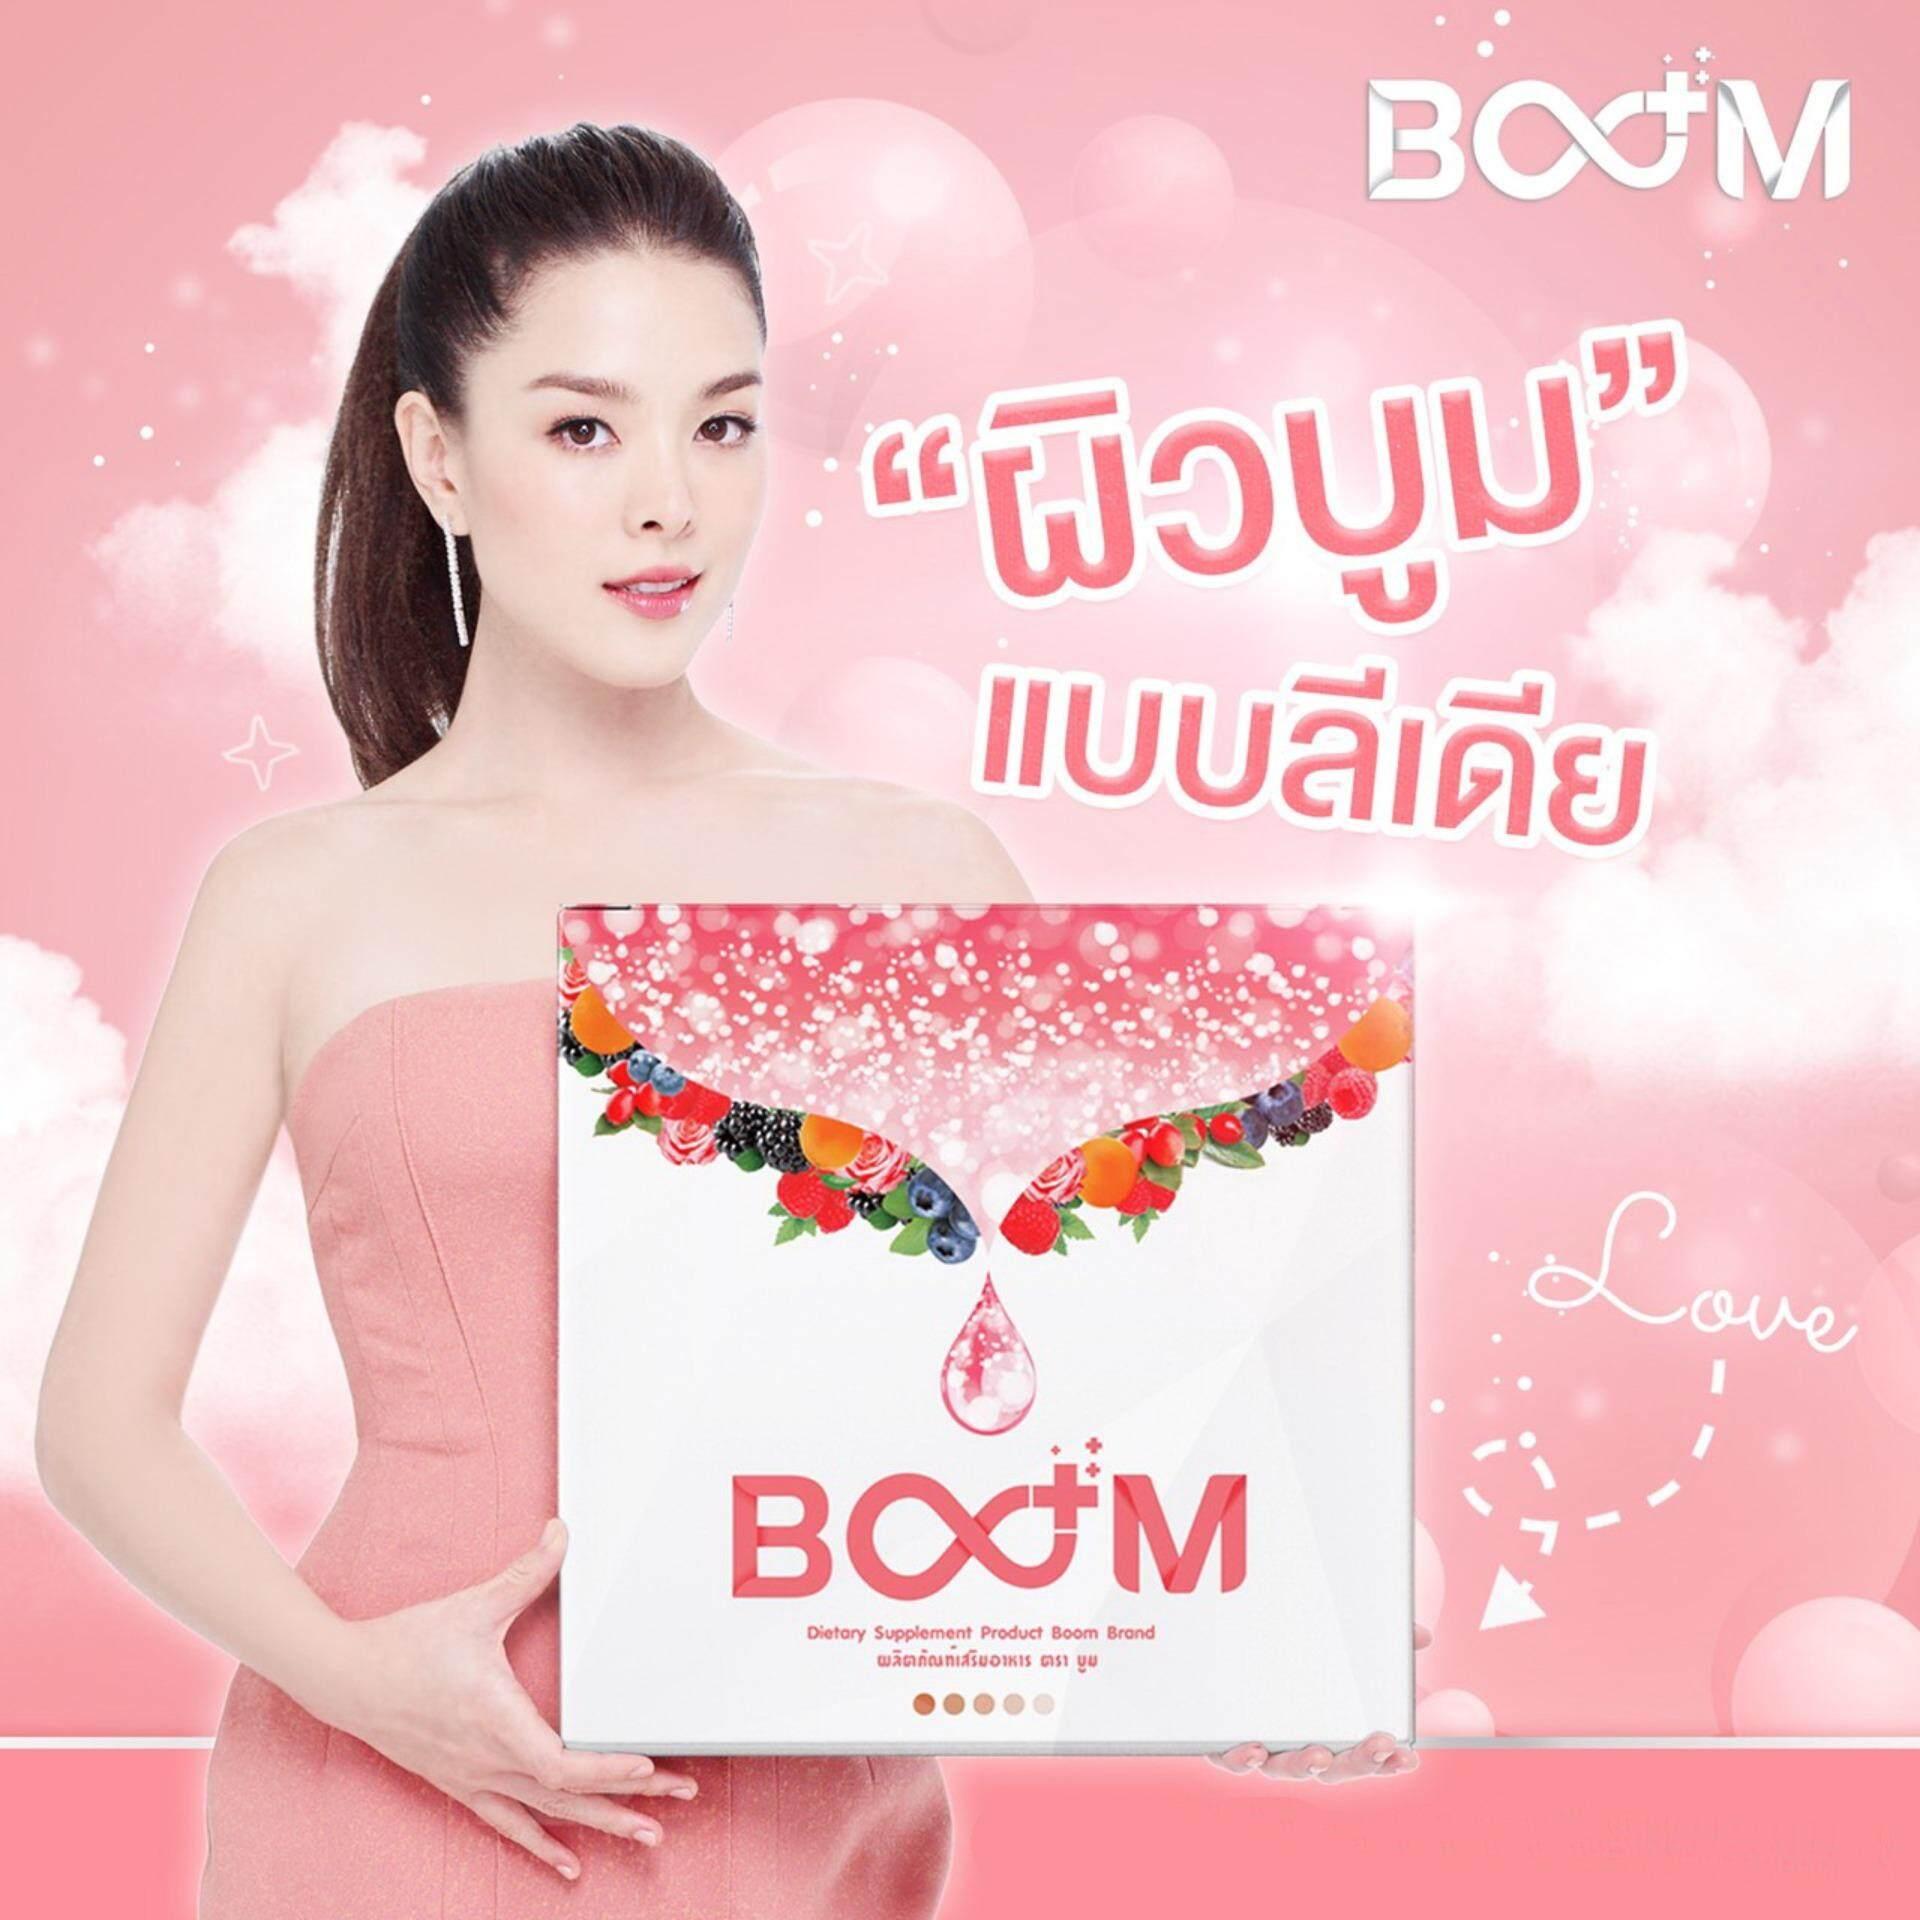 Boom Collagen By Lydia บูมคอลลาเจน บายลิเดีย อาหารผิว คอลลาเจนบำรุงผิว สำหรับคนรักผิวที่ต้องการความกระจ่างใส ( 1 กล่อง X 14 ซอง ) 168 Thai Shop By 168 Thai Shop.